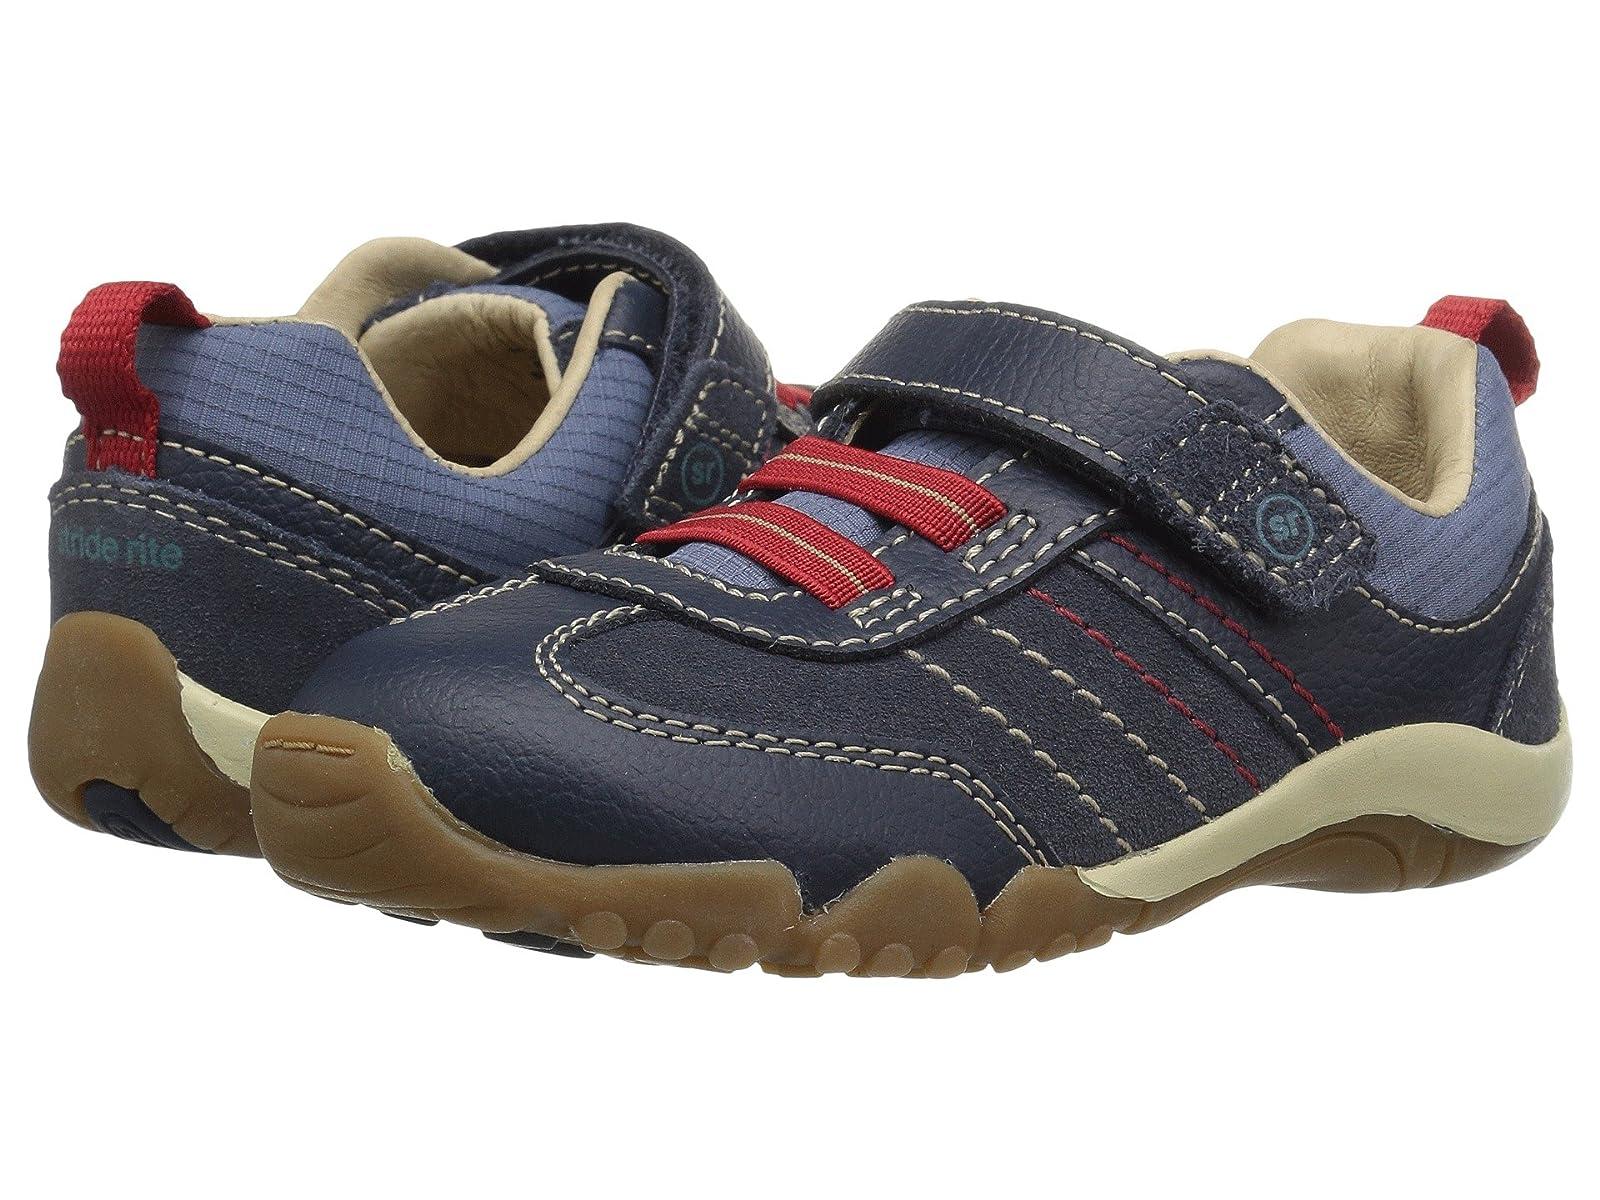 Stride Rite SRT Prescott (Toddler)Atmospheric grades have affordable shoes